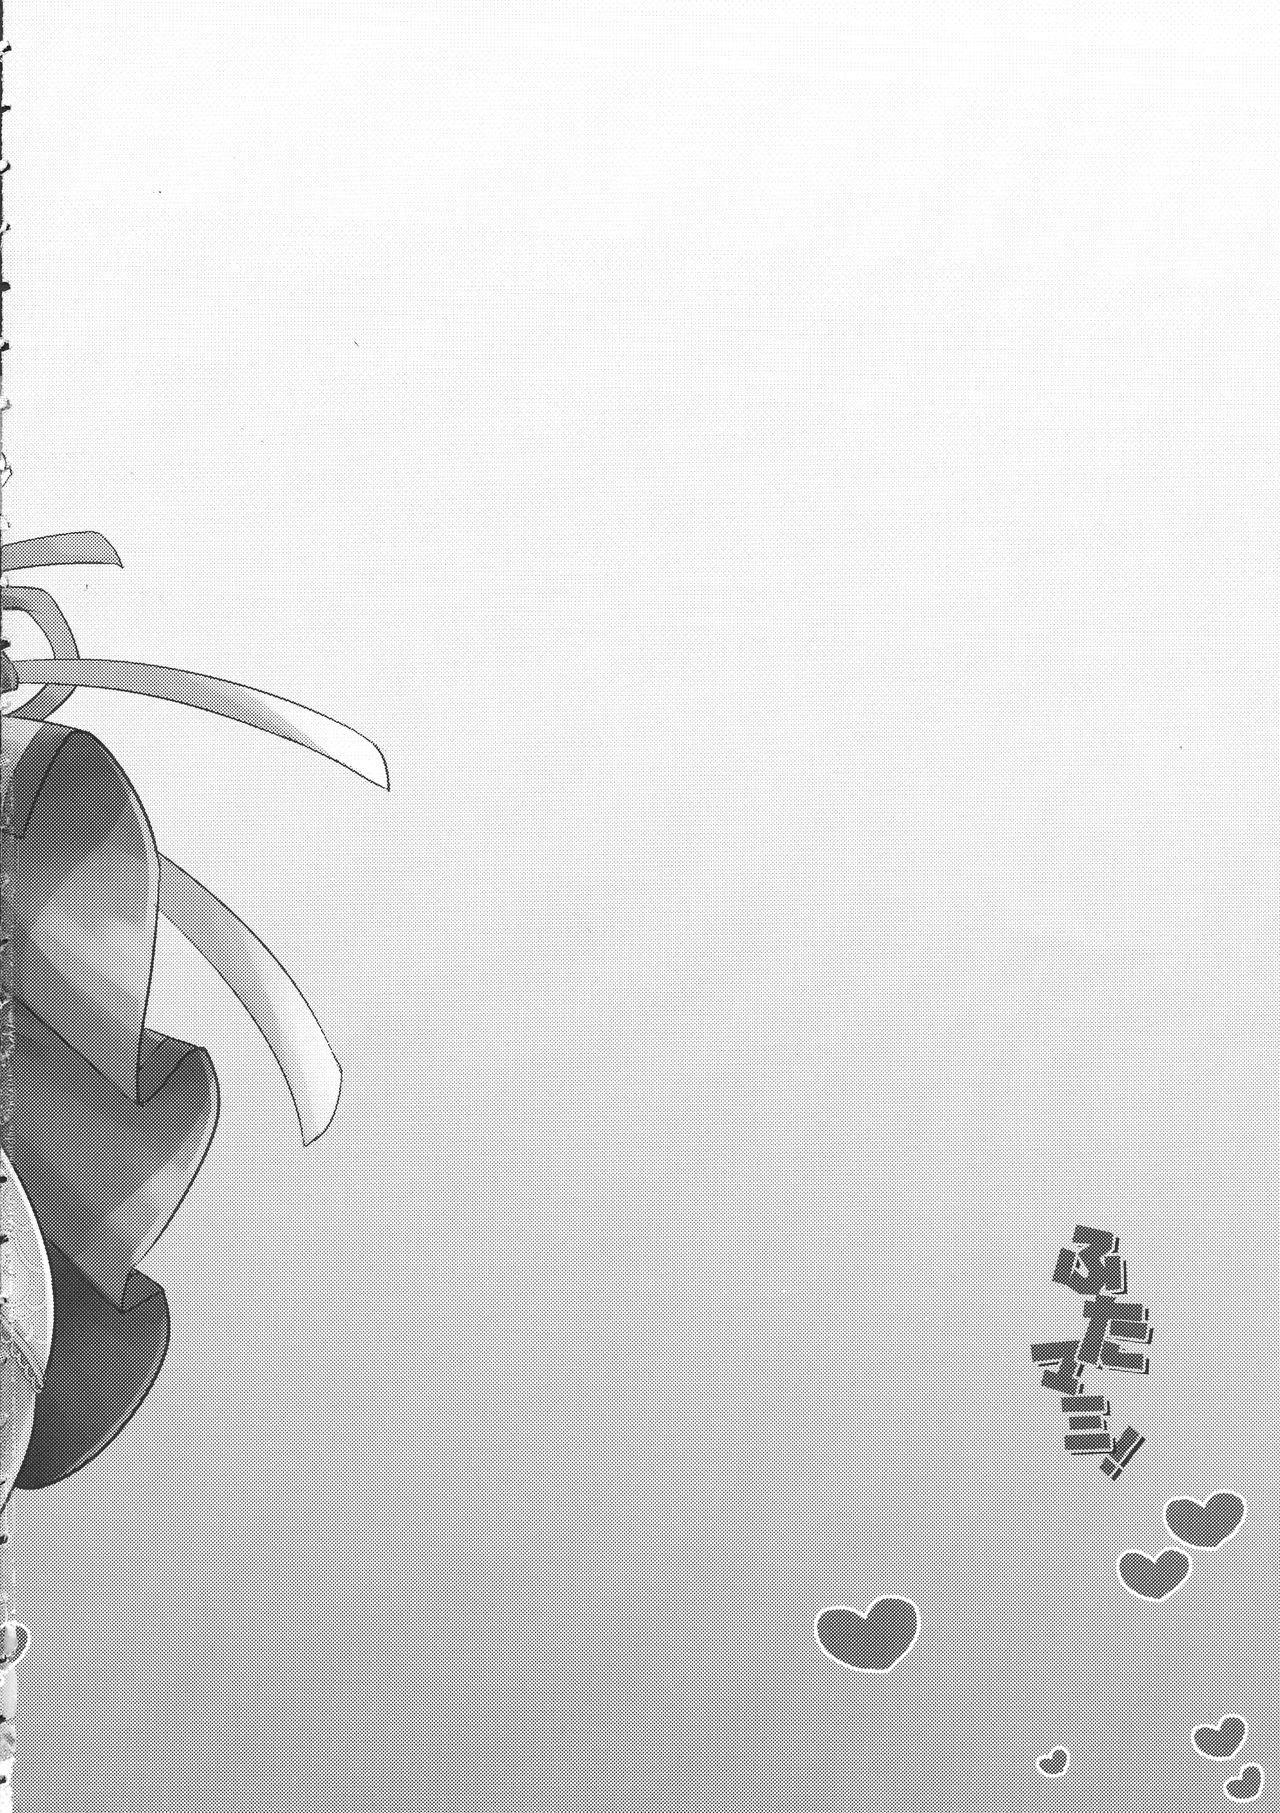 (C94) [Musashi-dou (Musashino Sekai) Futamami (Puella Magi Madoka Magica) 2